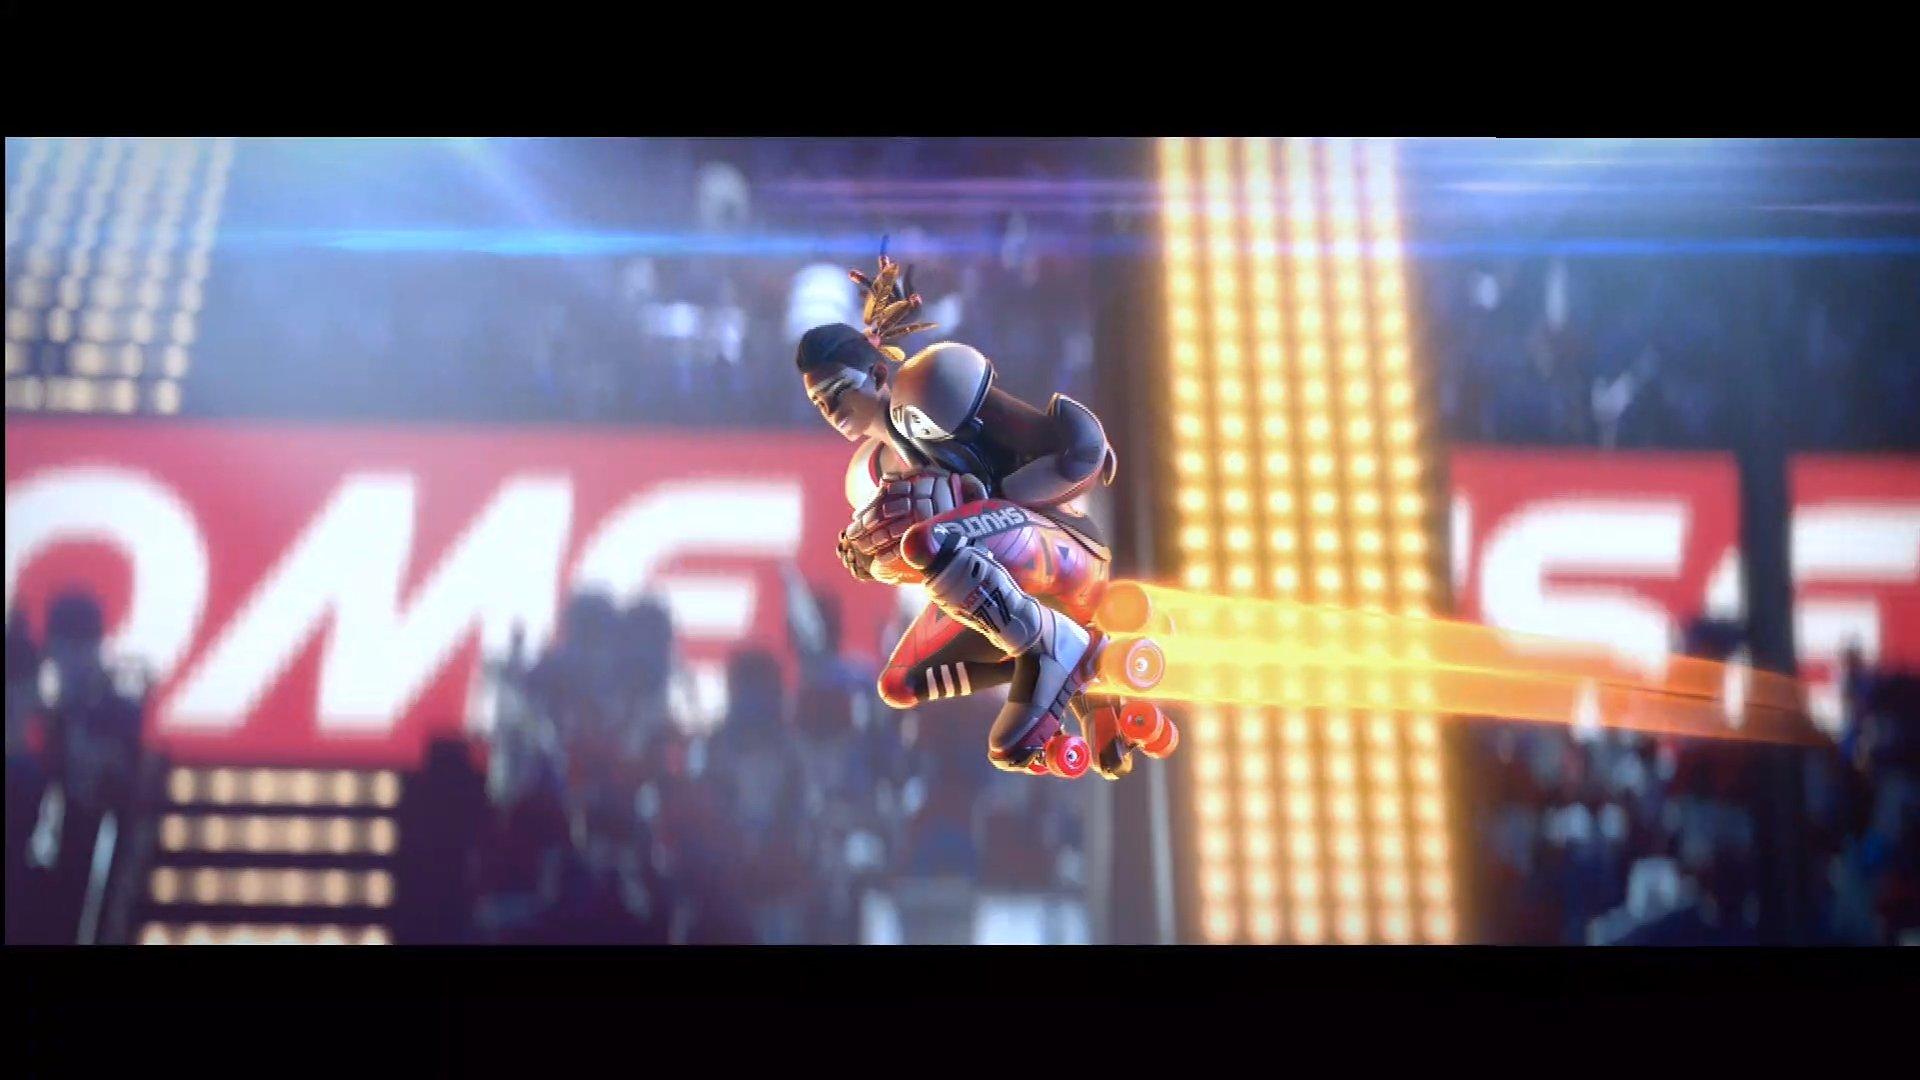 Le jeu de roller derby d'Ubisoft Roller Champions est jouable aujourd'hui